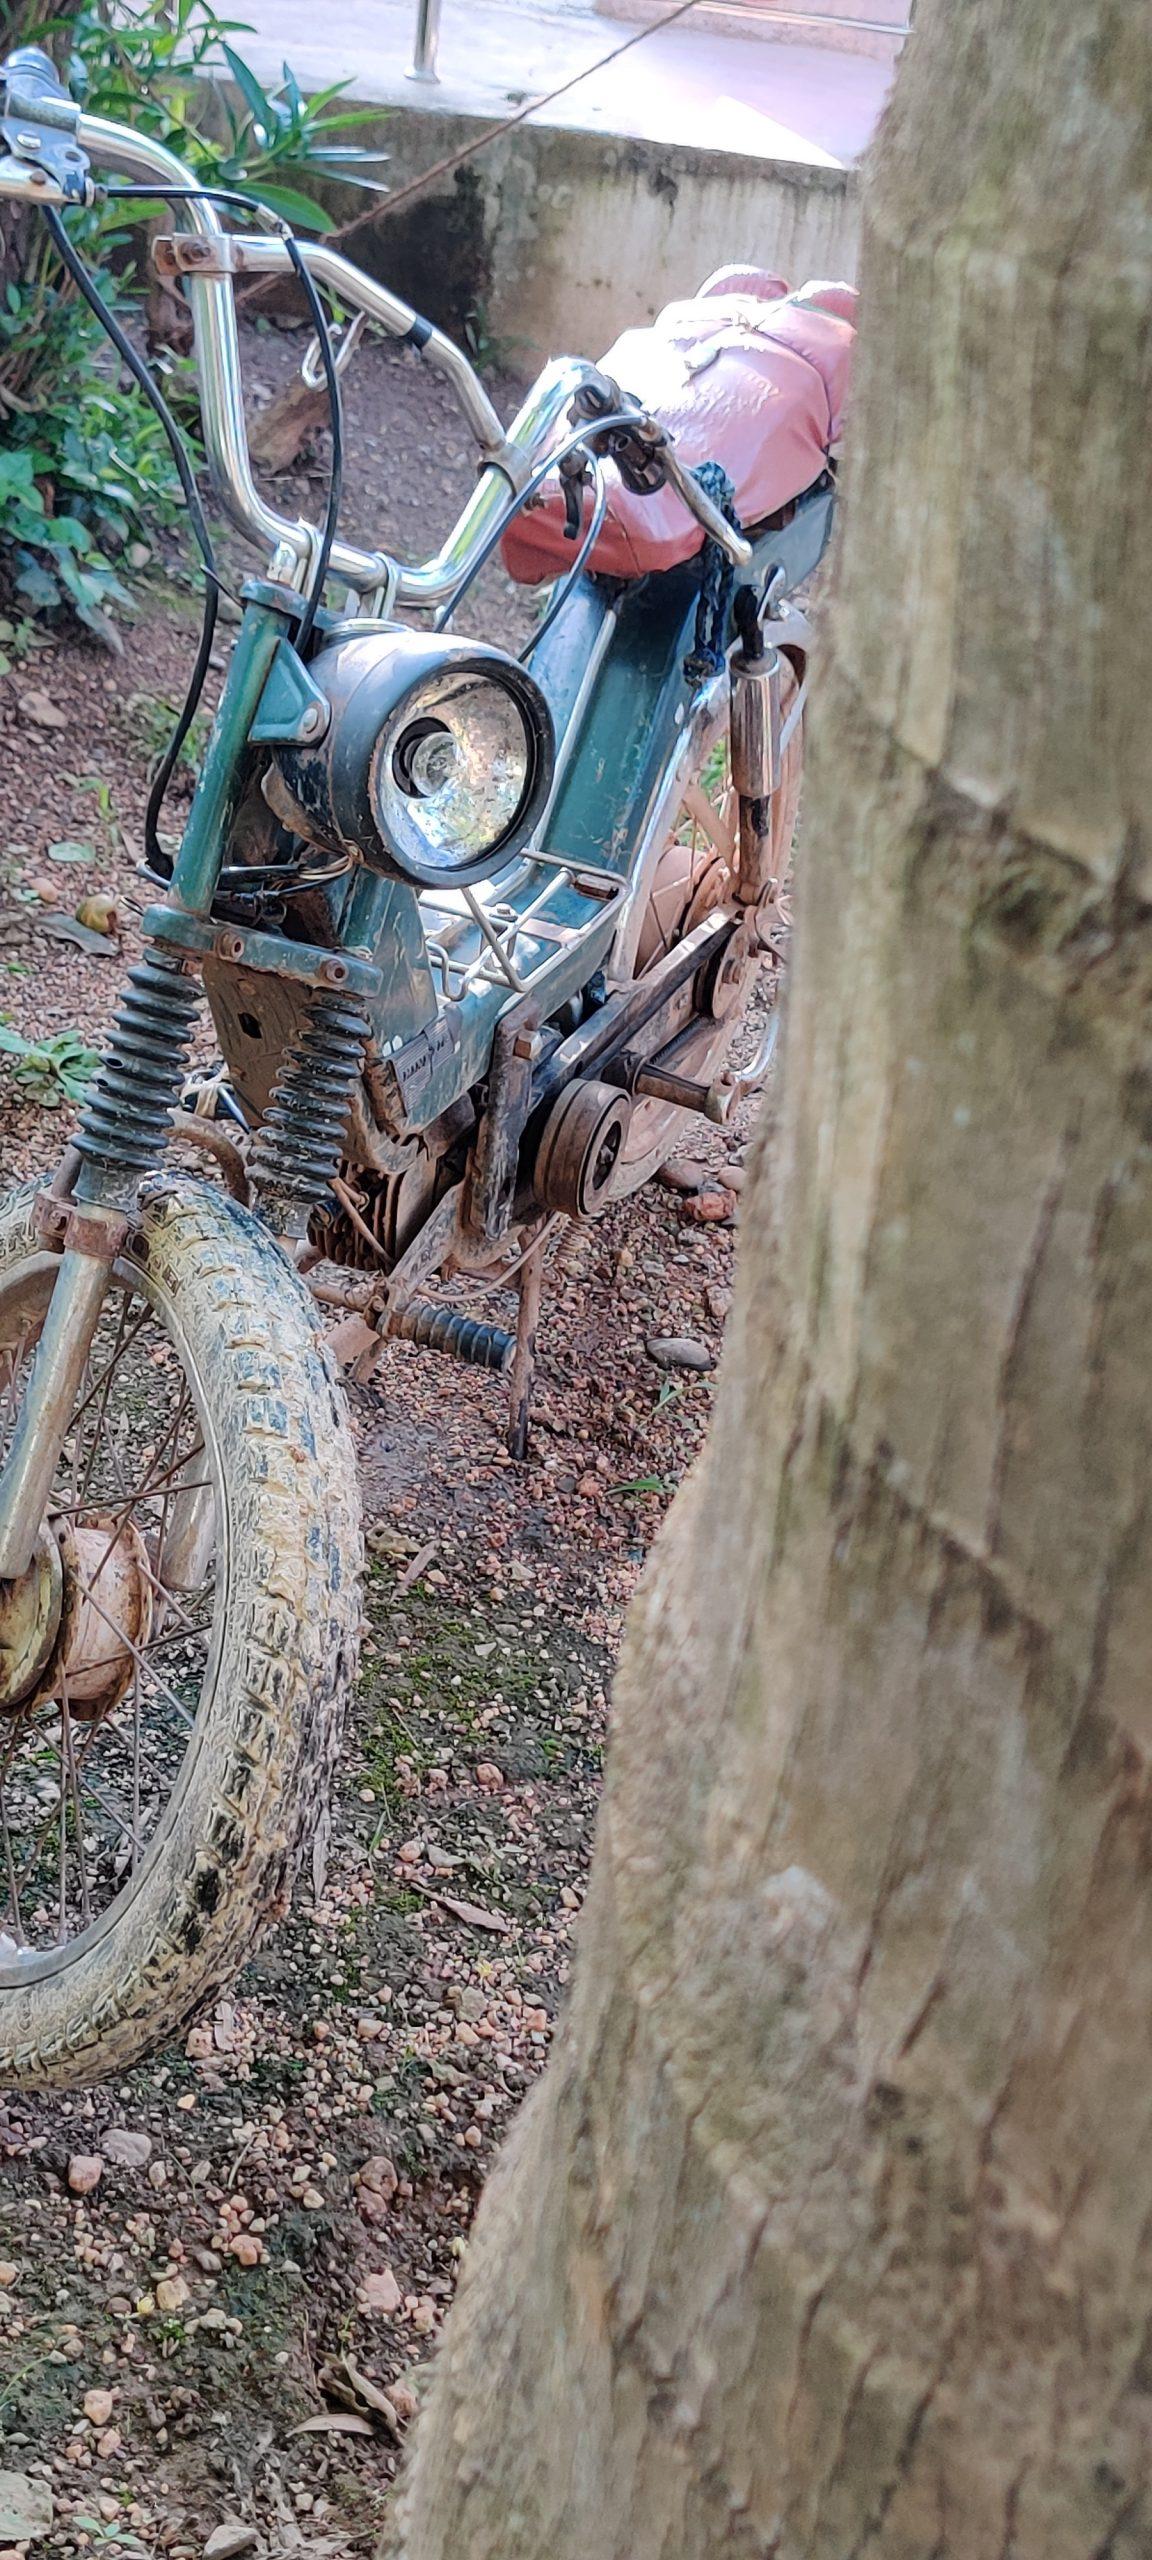 An old mopad bike